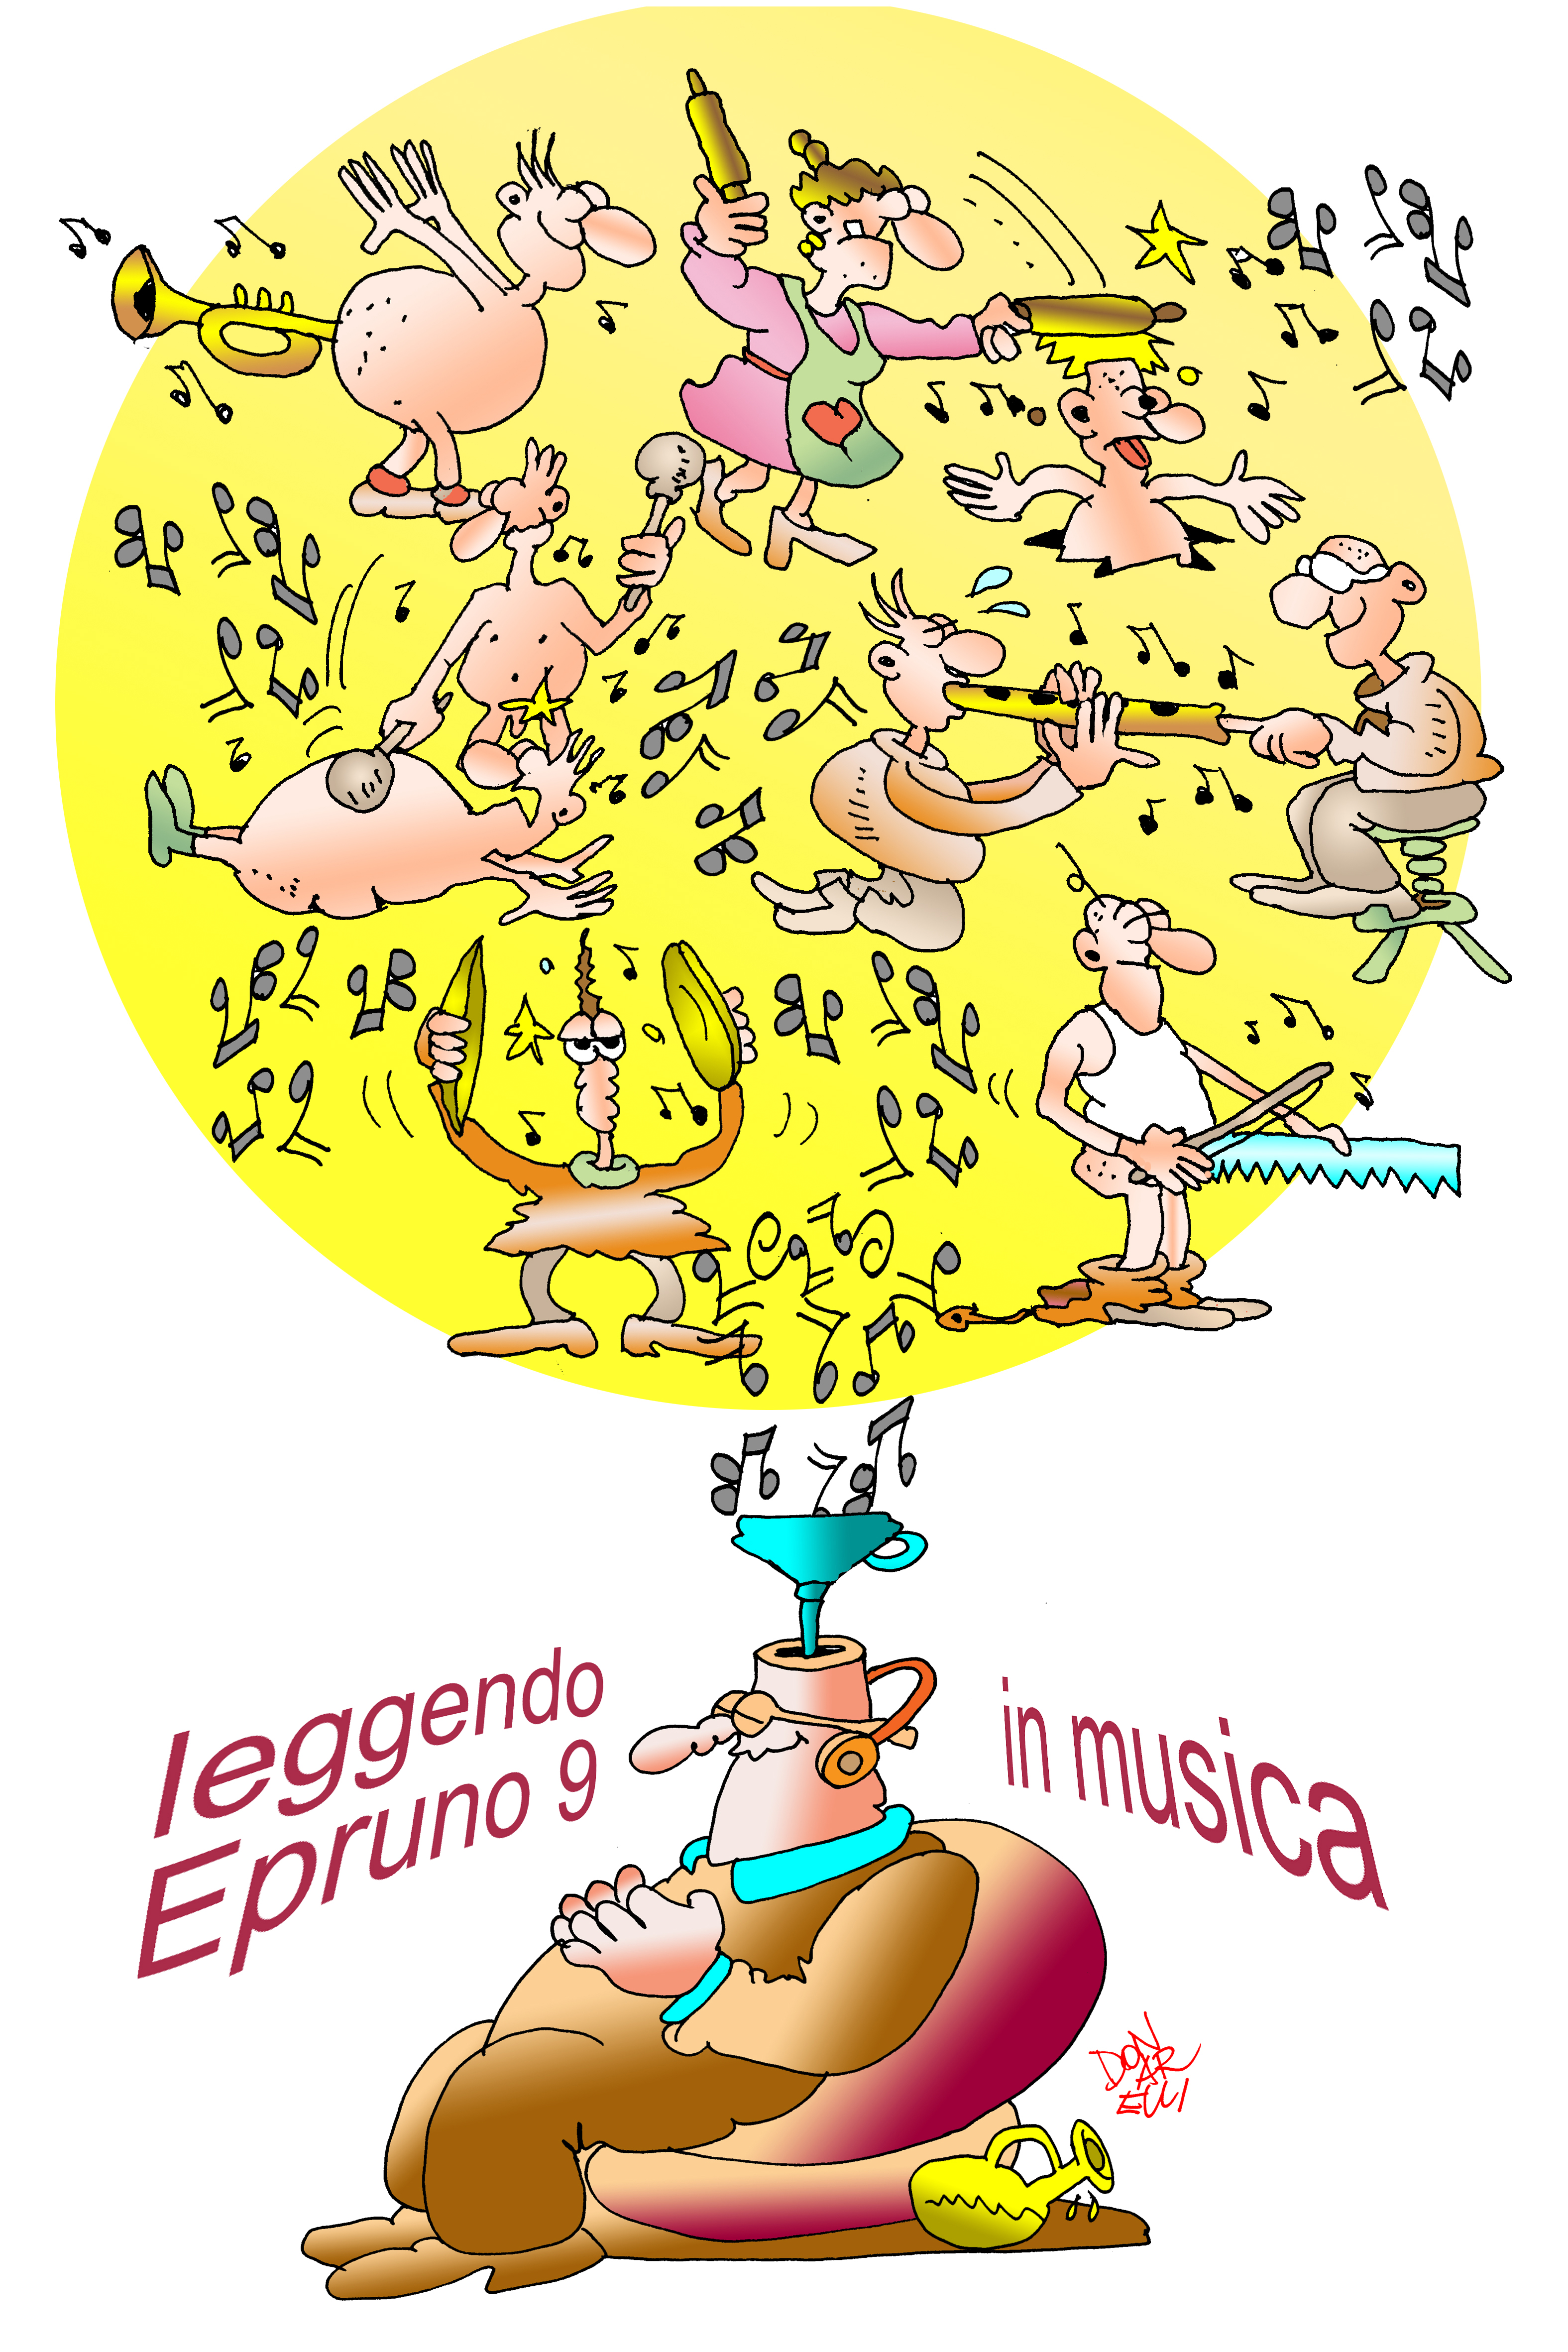 LE-9-concerto-Epruno-9